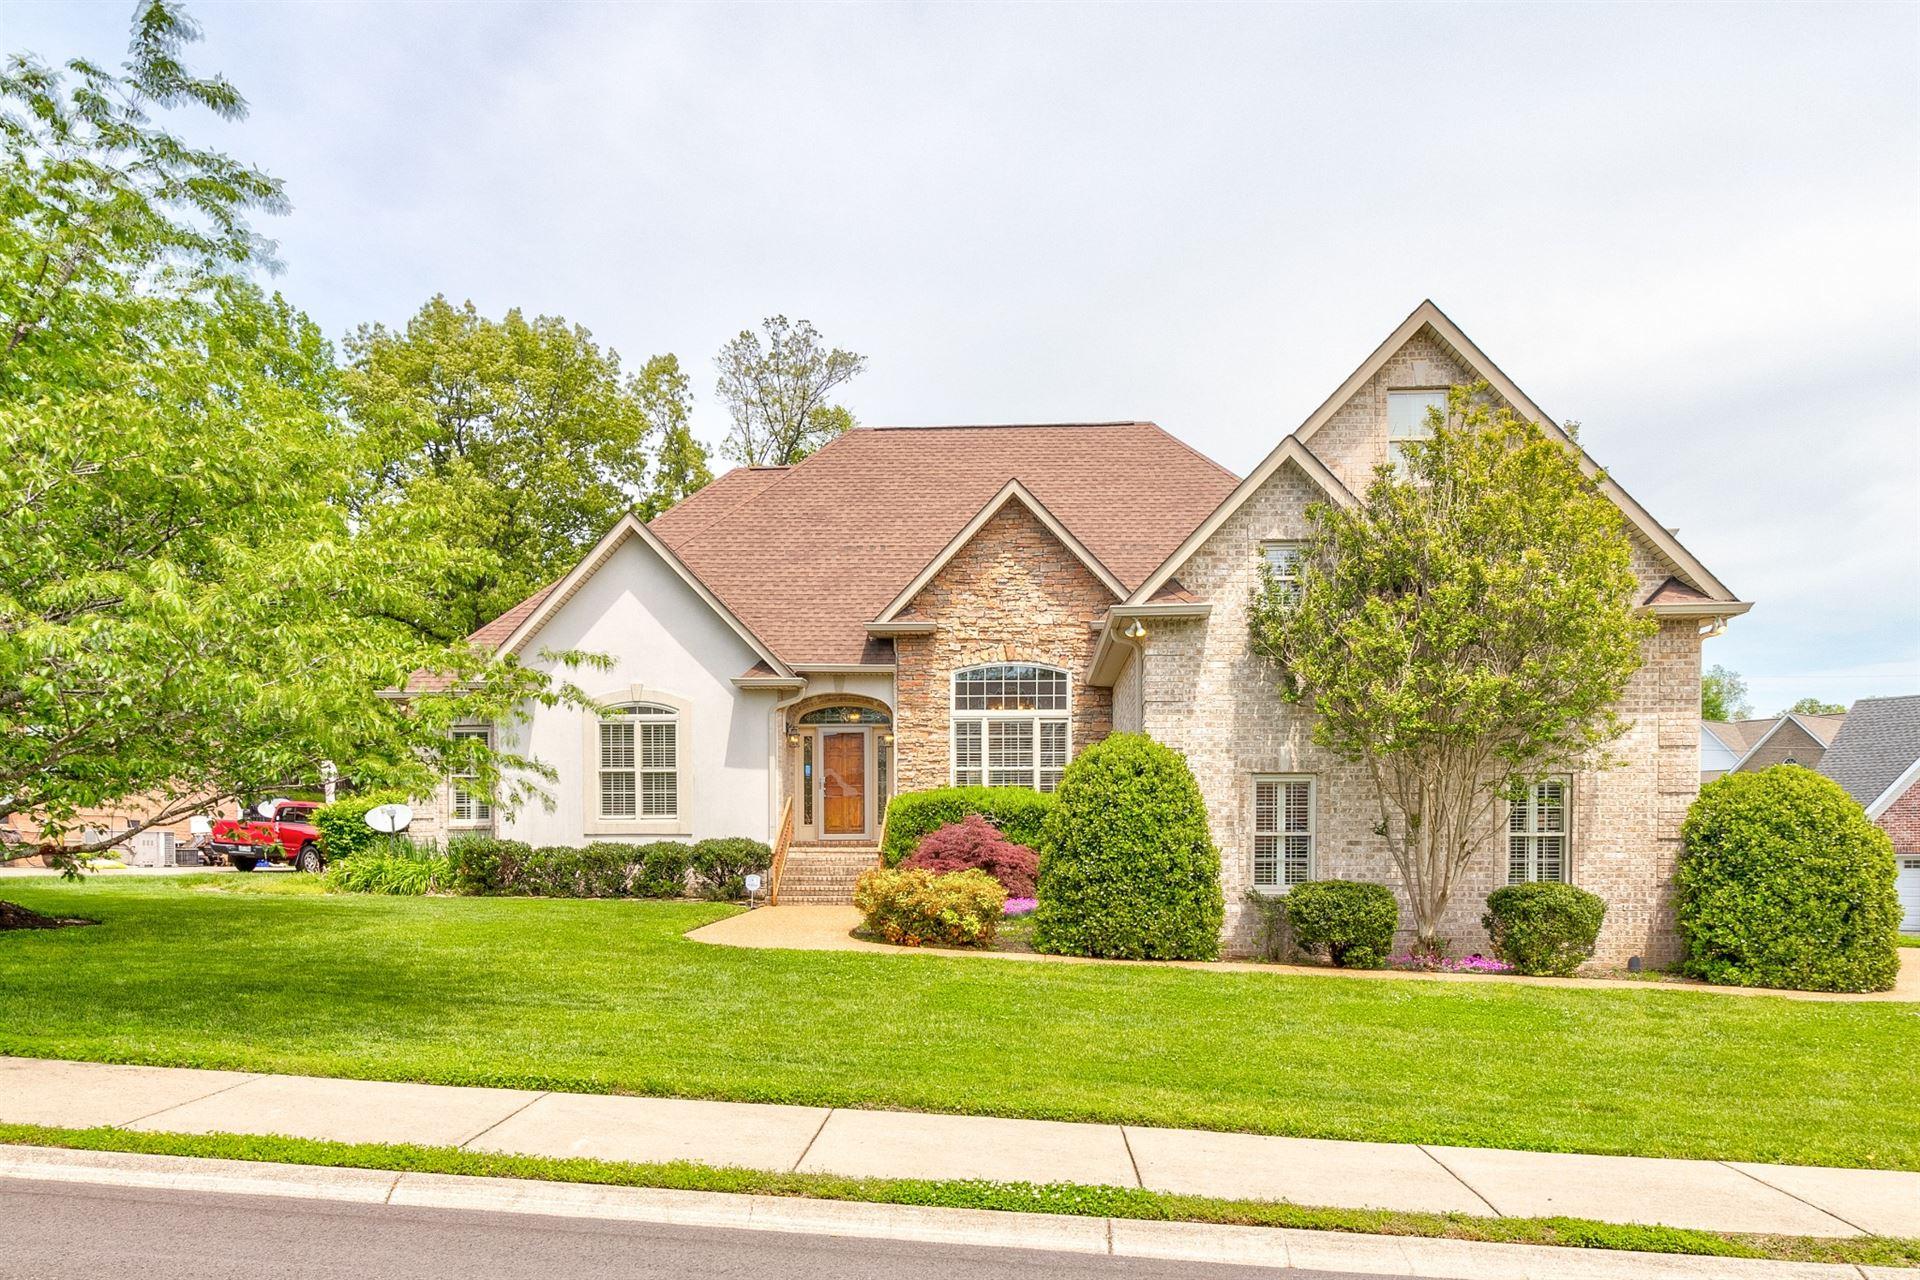 108 Cobblestone Ct, White House, TN 37188 - MLS#: 2250575